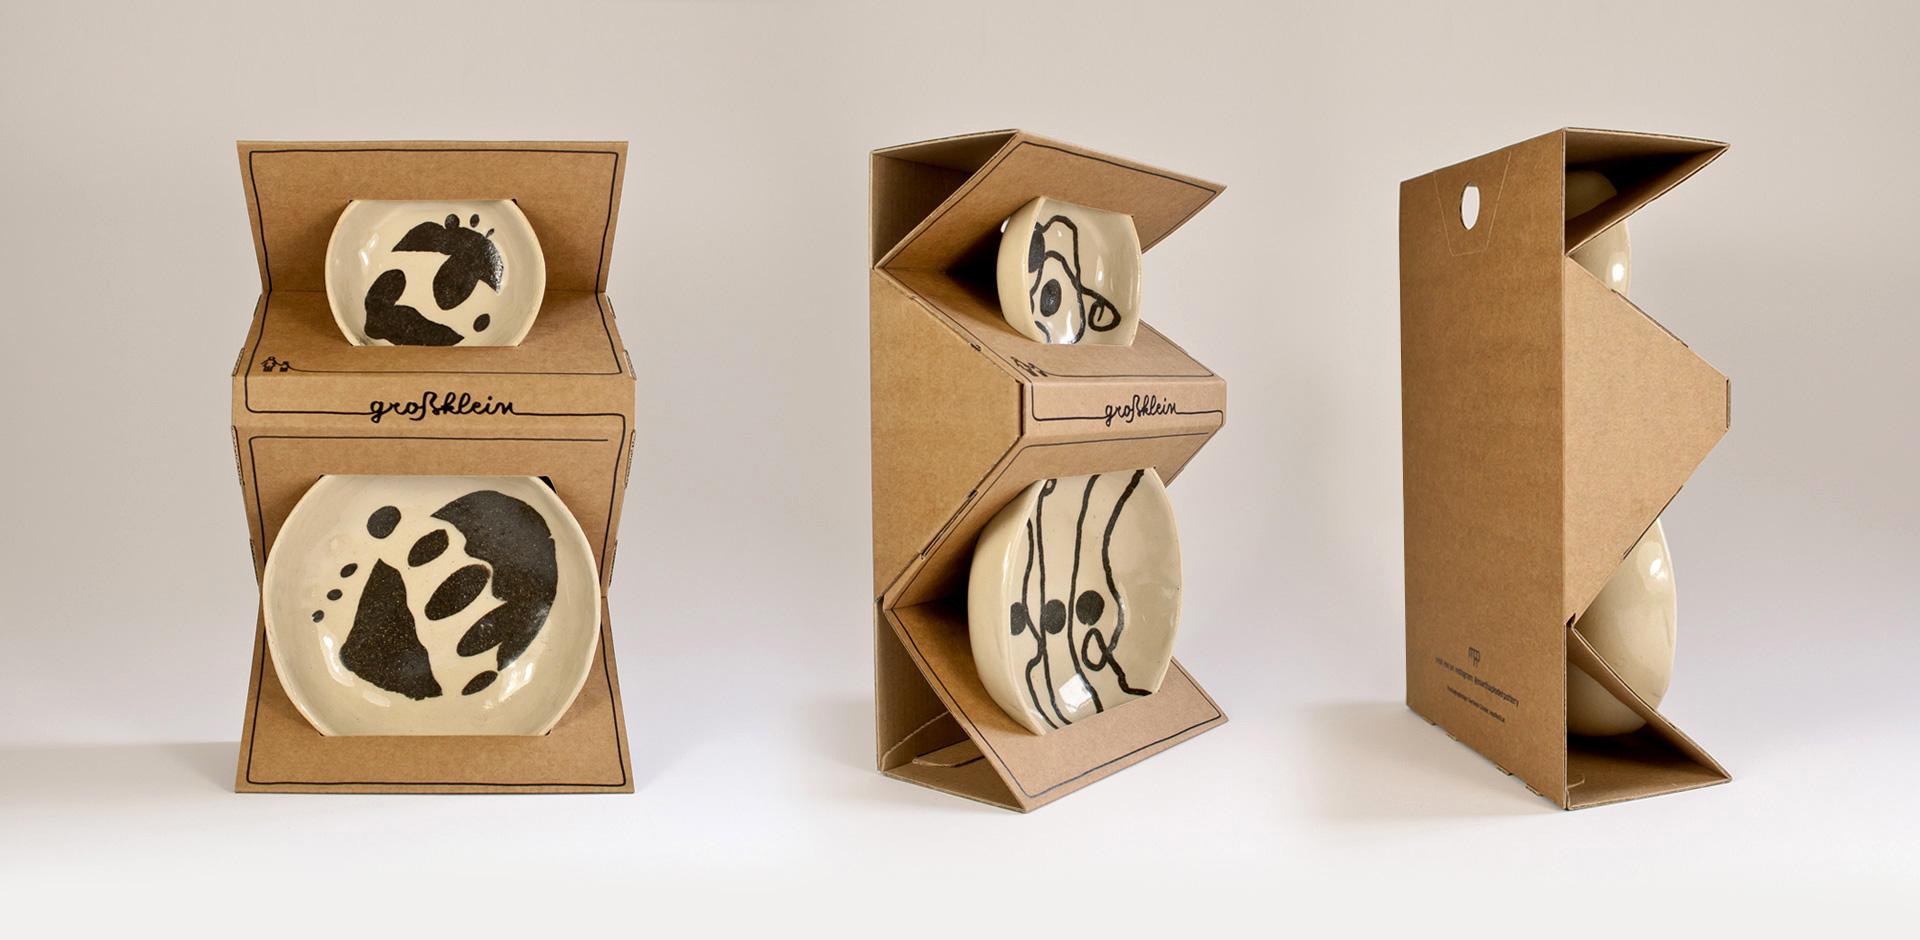 Groß-Klein Keramik Verpackung Heysister